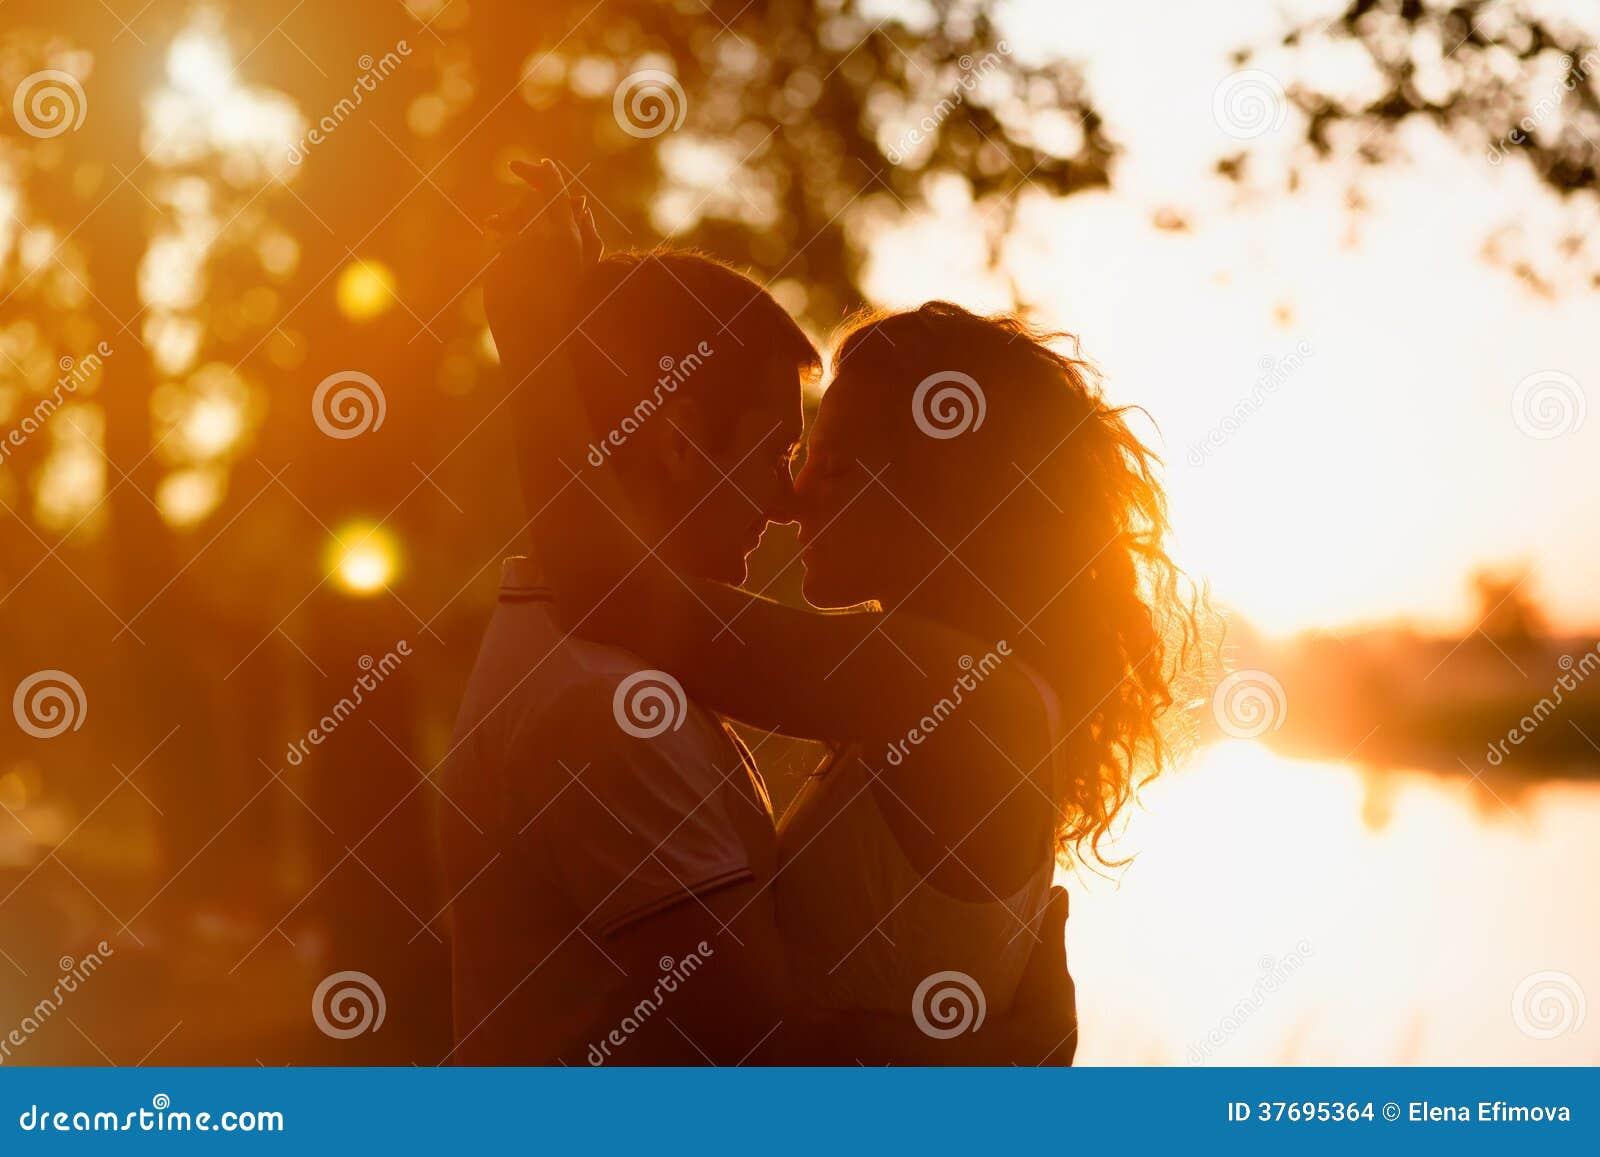 Νέο ζεύγος που αγκαλιάζει σε ένα άσπρο υπόβαθρο ενός ηλιοβασιλέματος